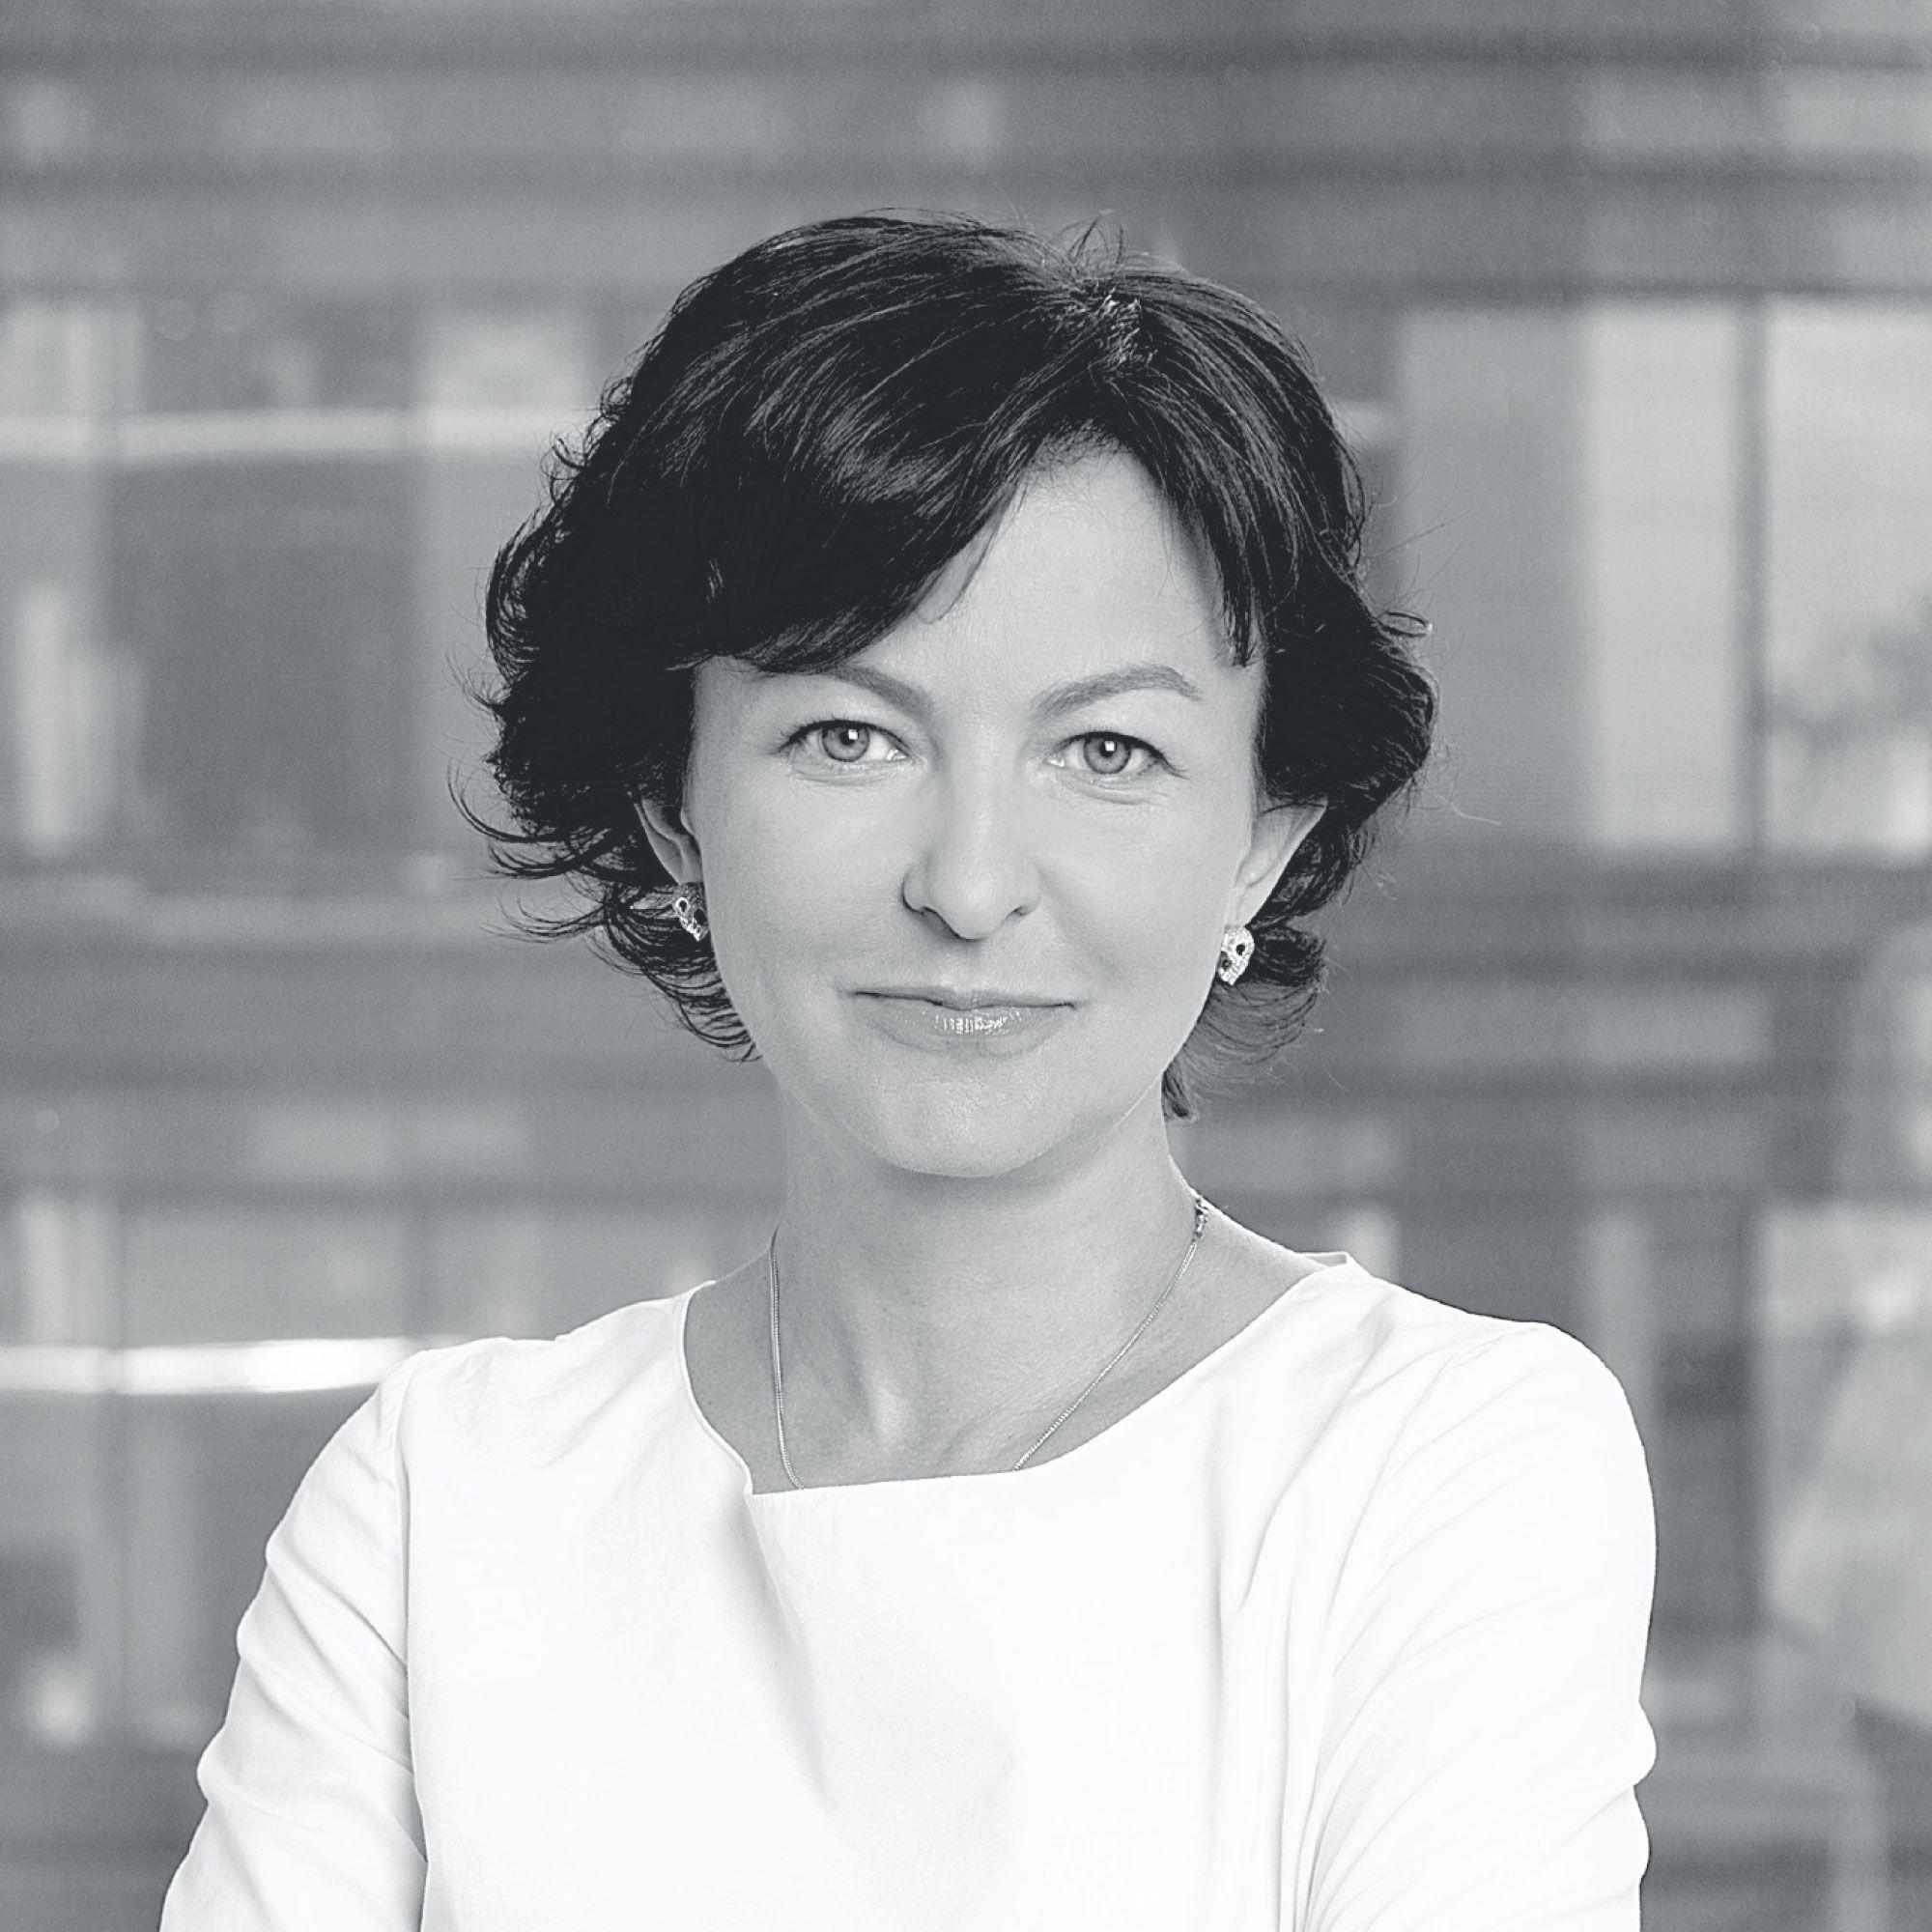 Olga Turischeva